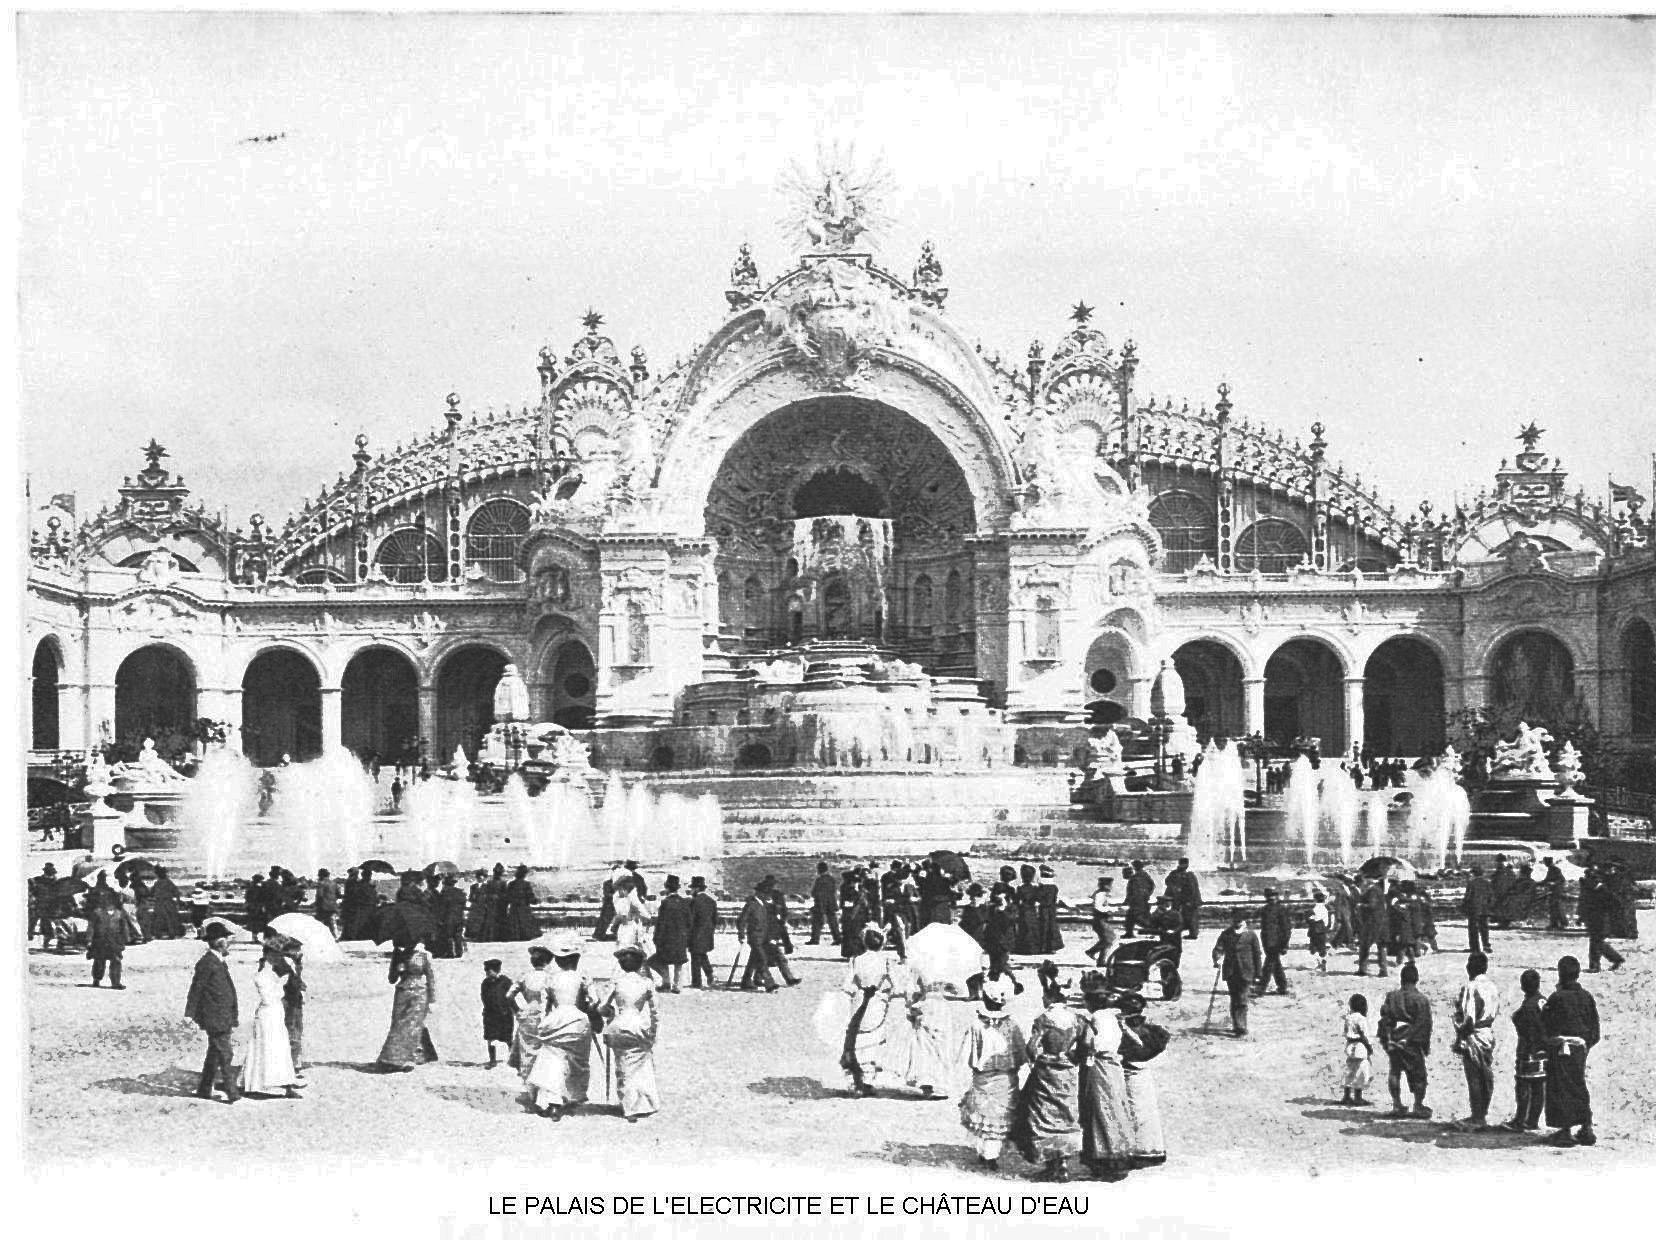 Ressources histoire exposition universelle 1900 le palais de l electricite et le chateau d eau